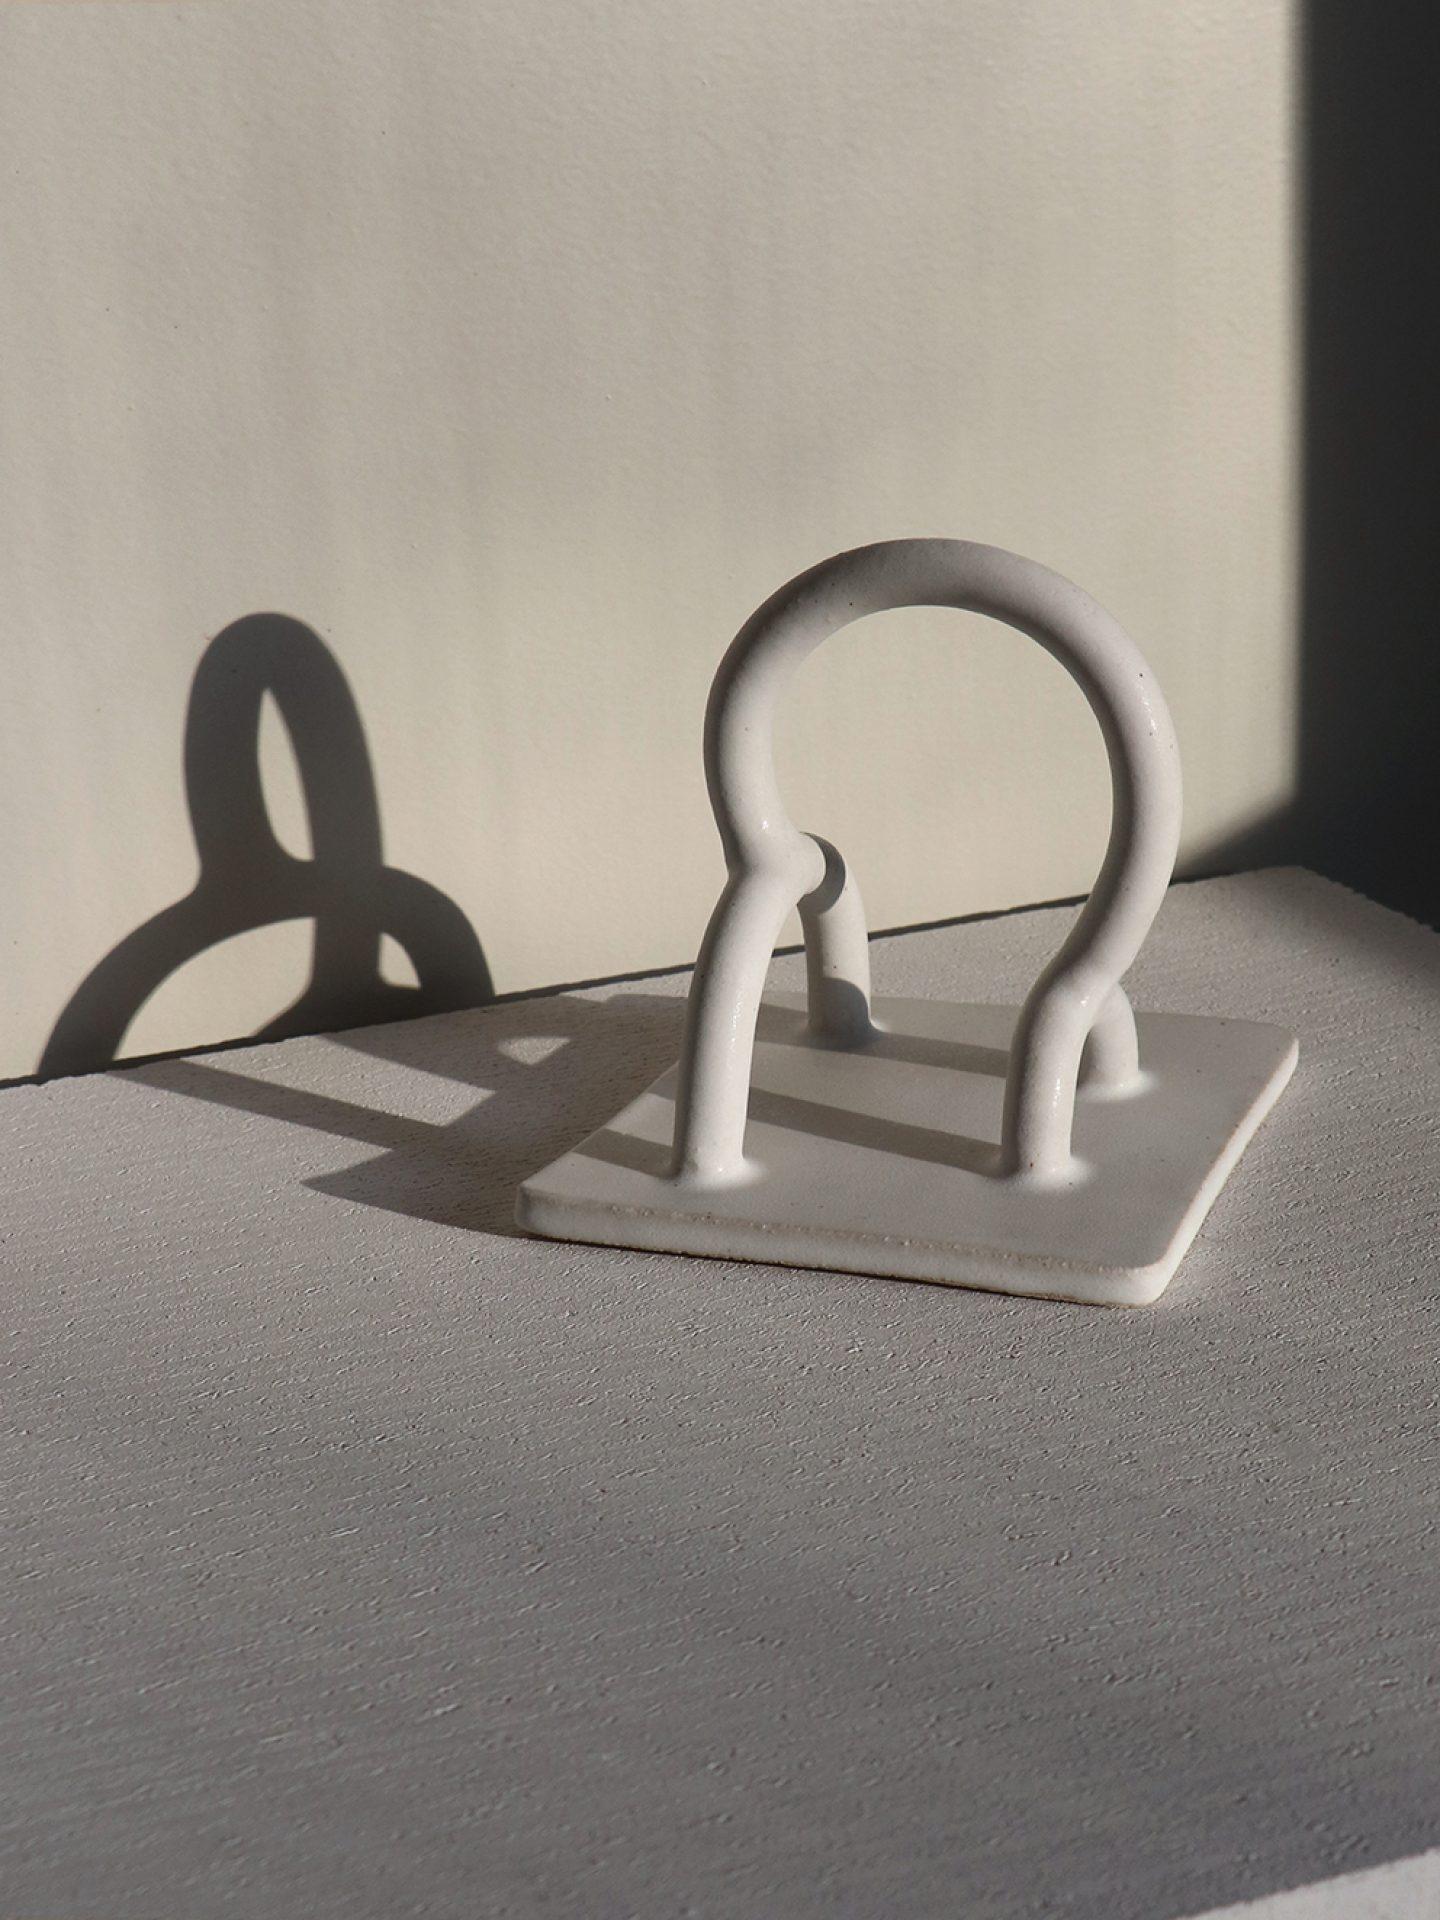 IGNANT-ART-Sculpture-Alium-22